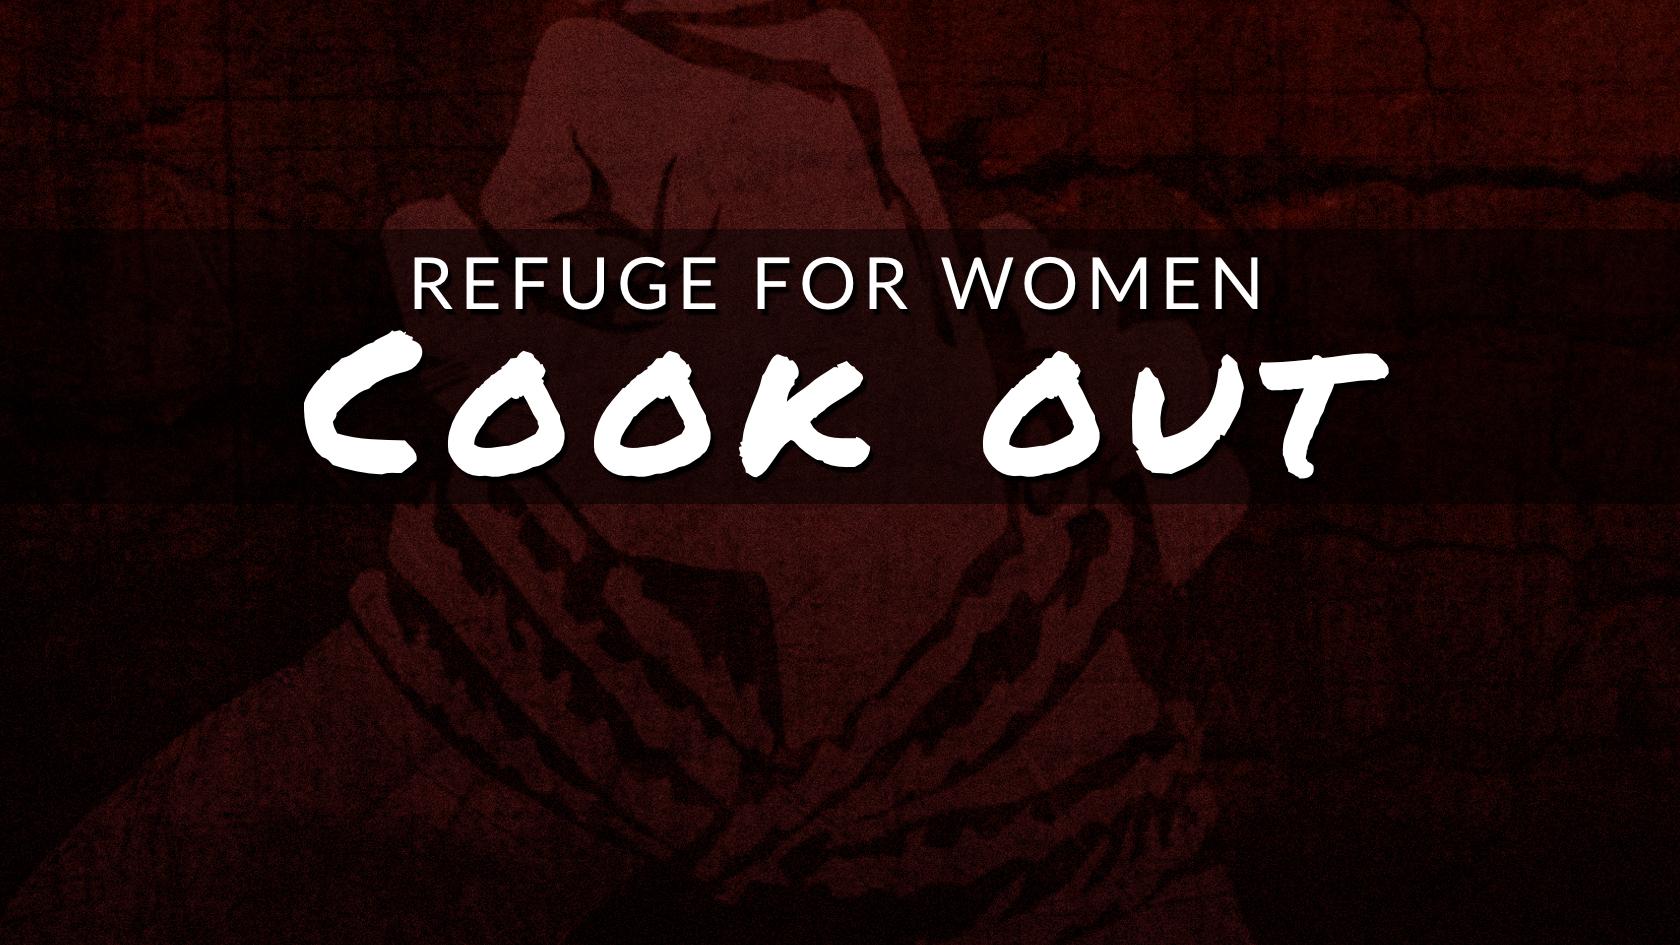 2017.09 Refuge for Women Cook Out Header.jpg